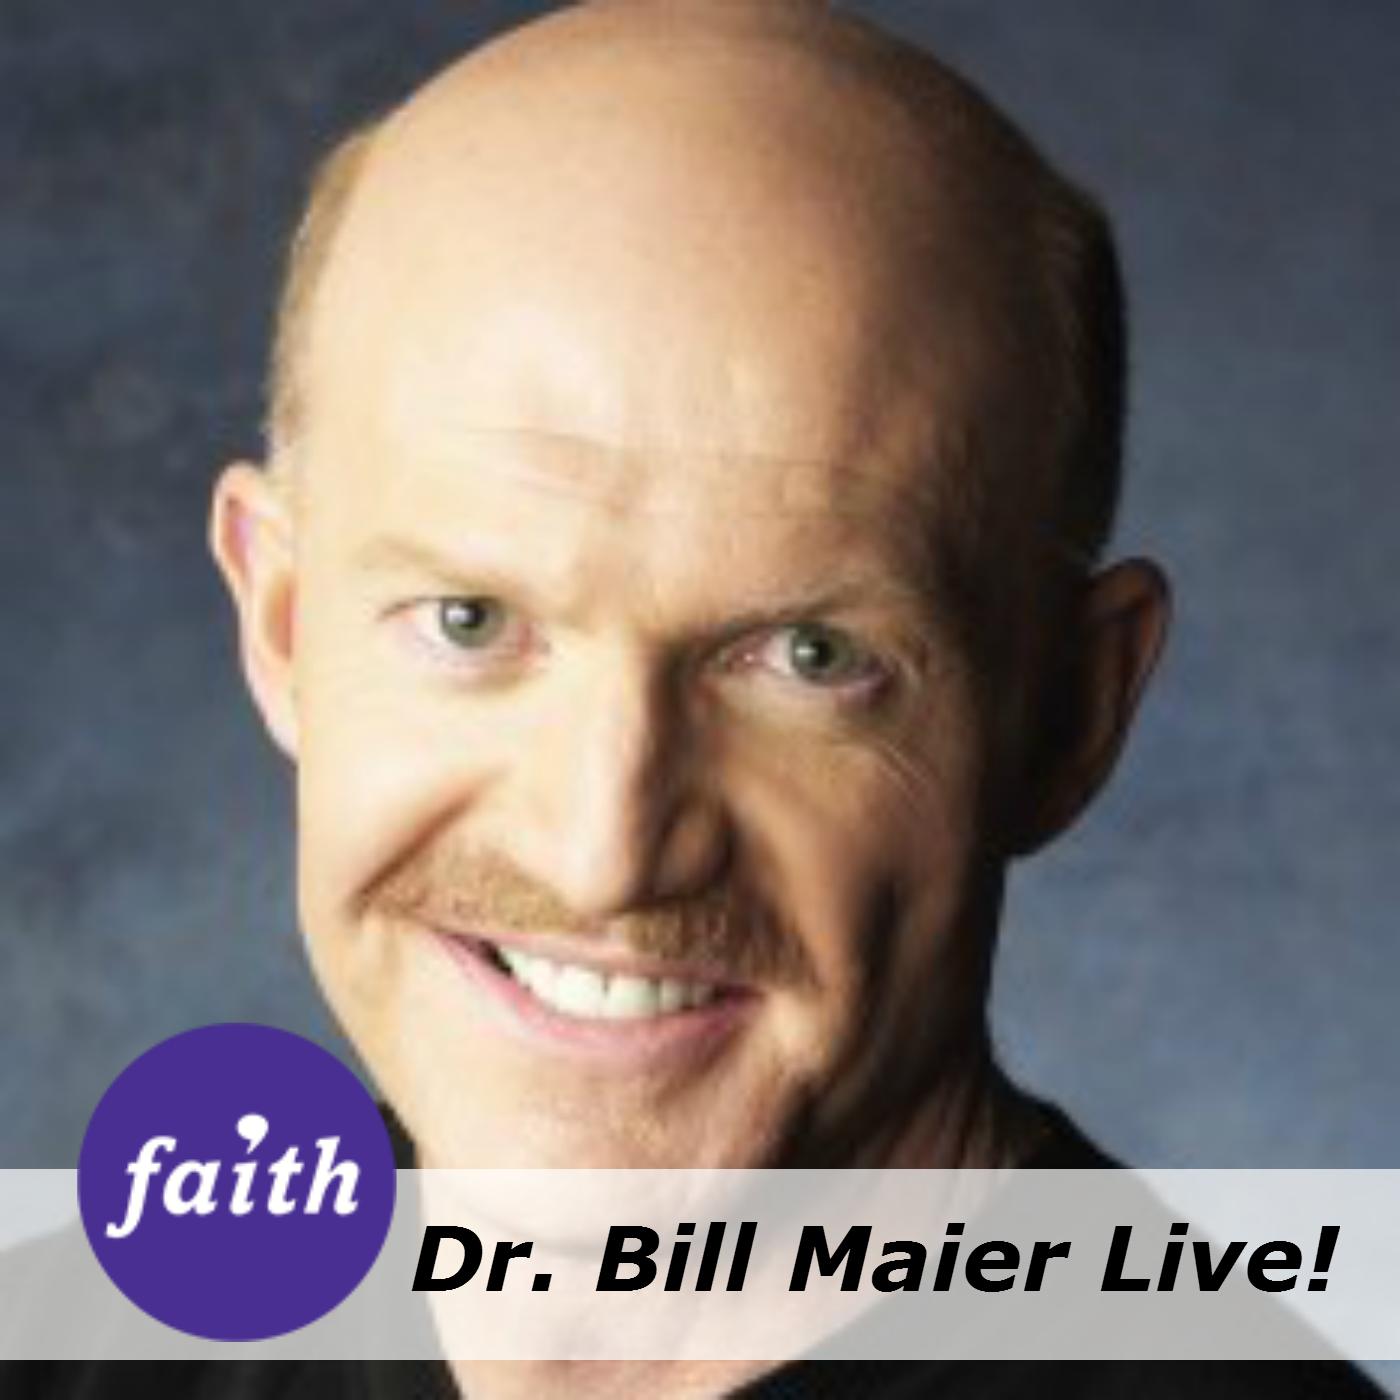 Dr. Bill Maier Live